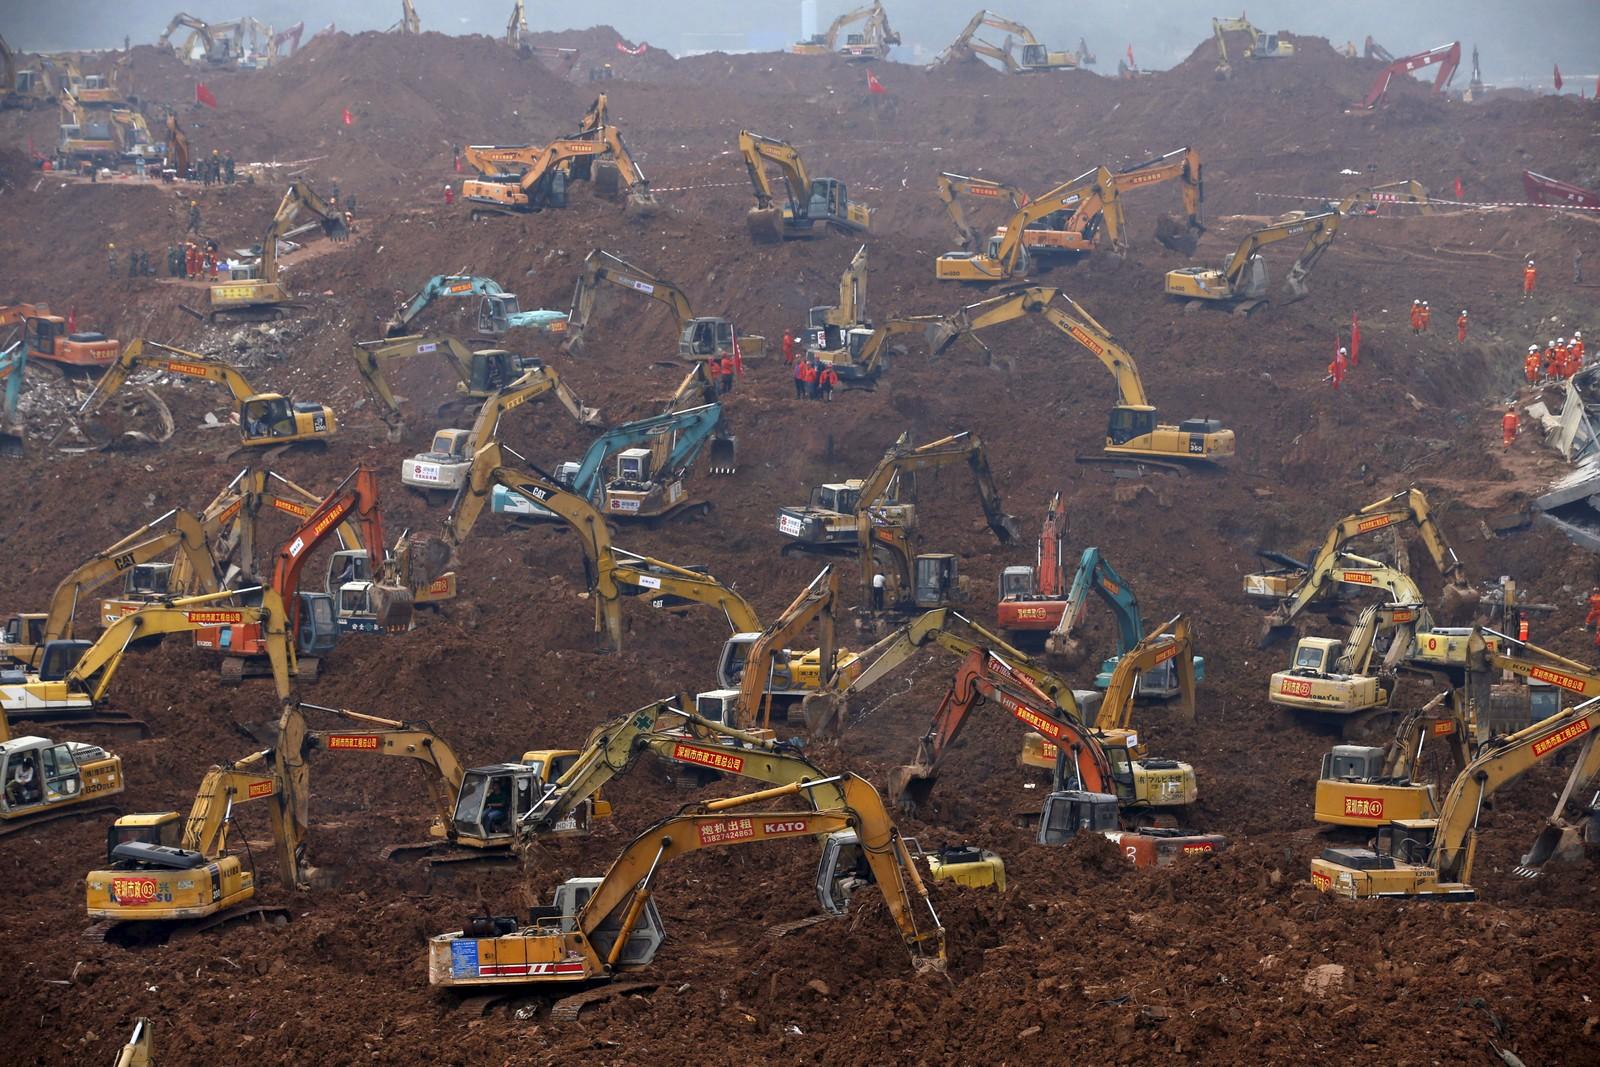 Gravemaskiner i gang med redningsarbeidet etter et jordskred i byen Shenzhen i Kina søndag. Skredet skyldes trolig at en enorm fylling med jord, skrot og bygningsavfall kollapsa. To er bekreftet døde og minst 73 savnet.